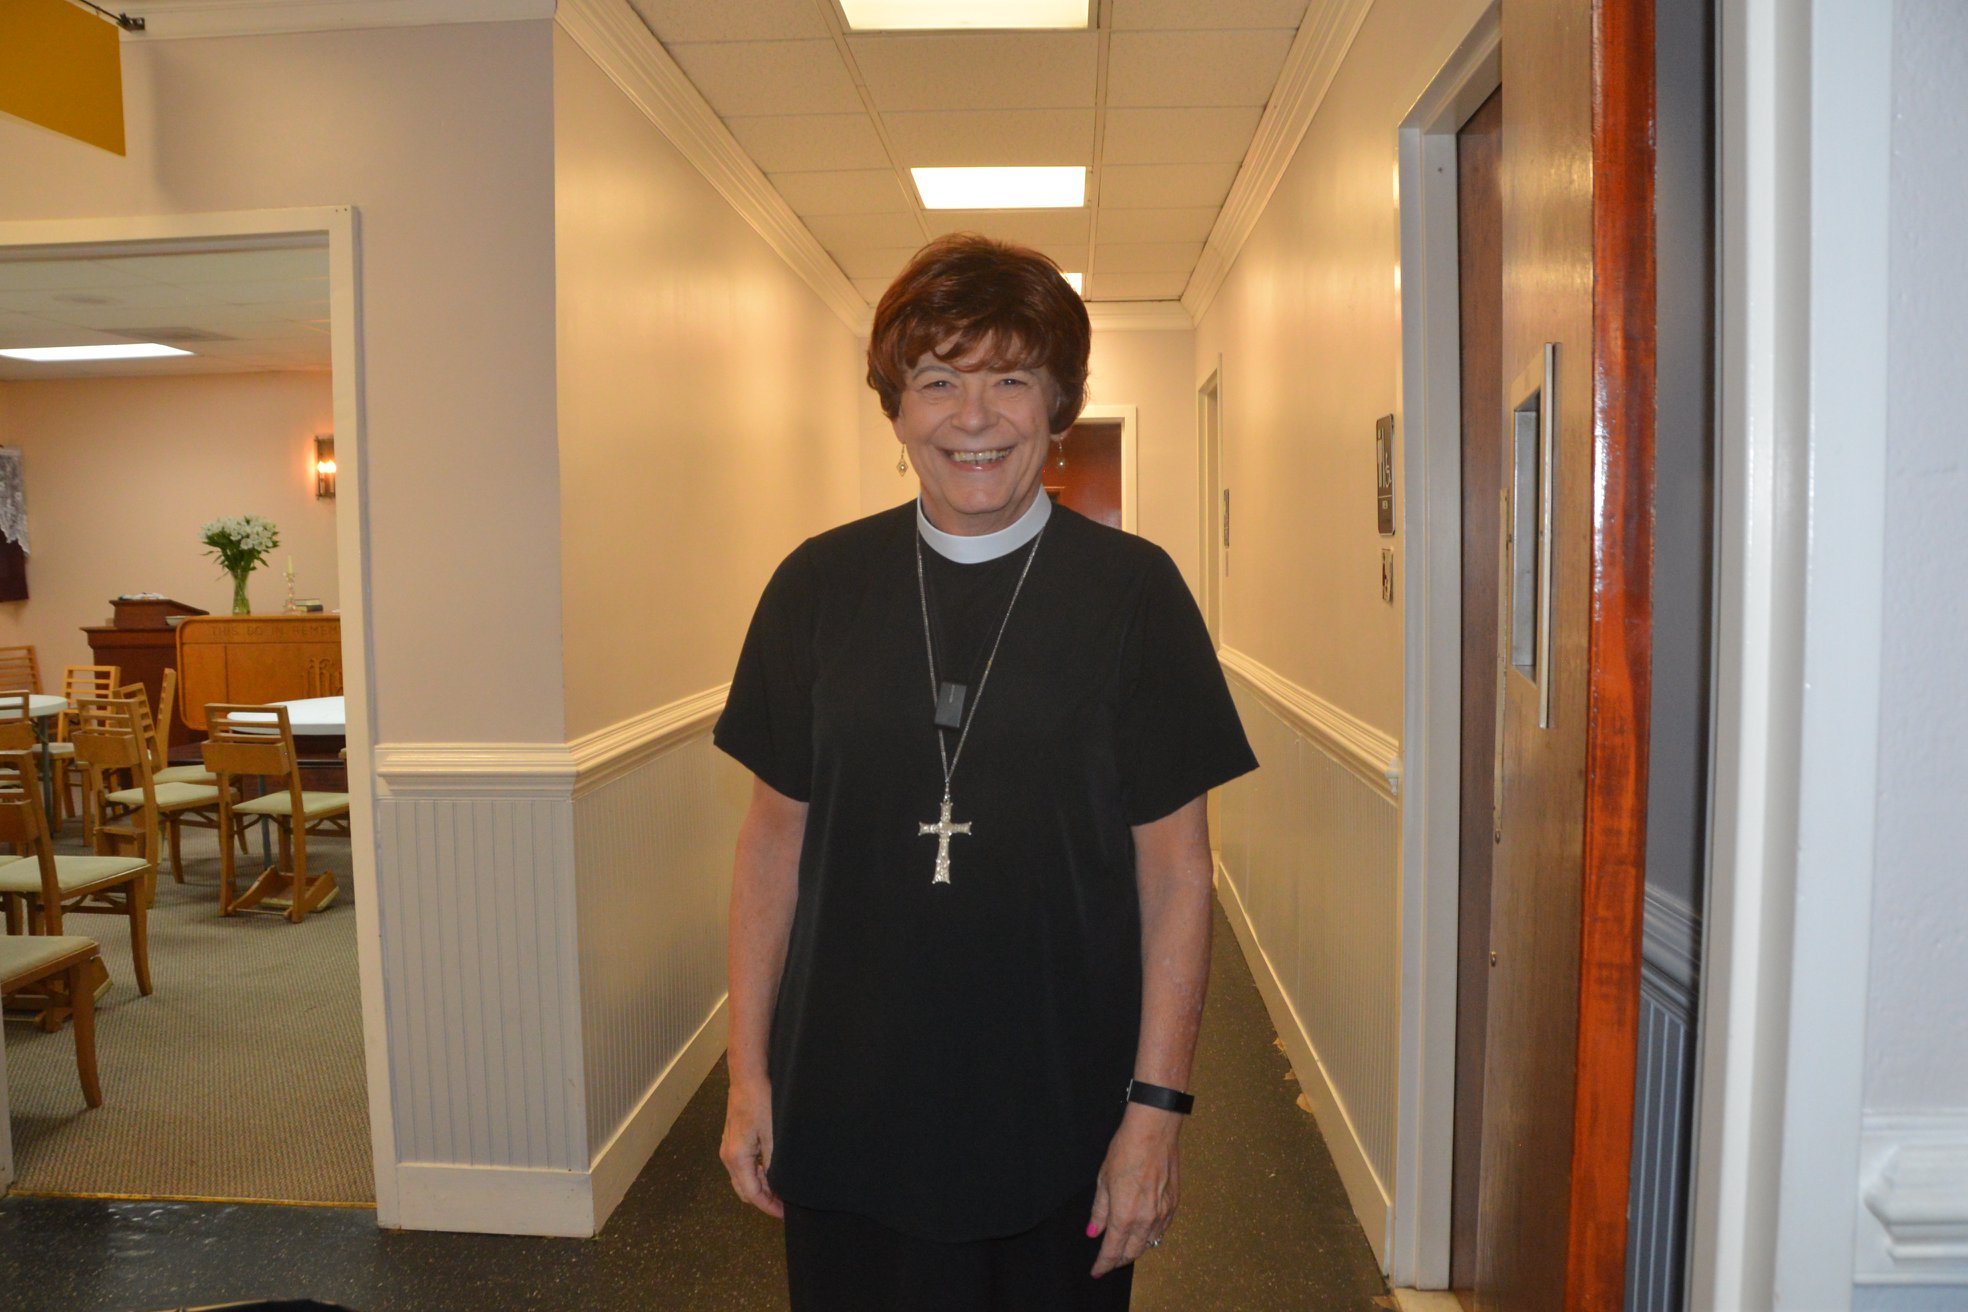 Rev. Katherine V. Ferguson